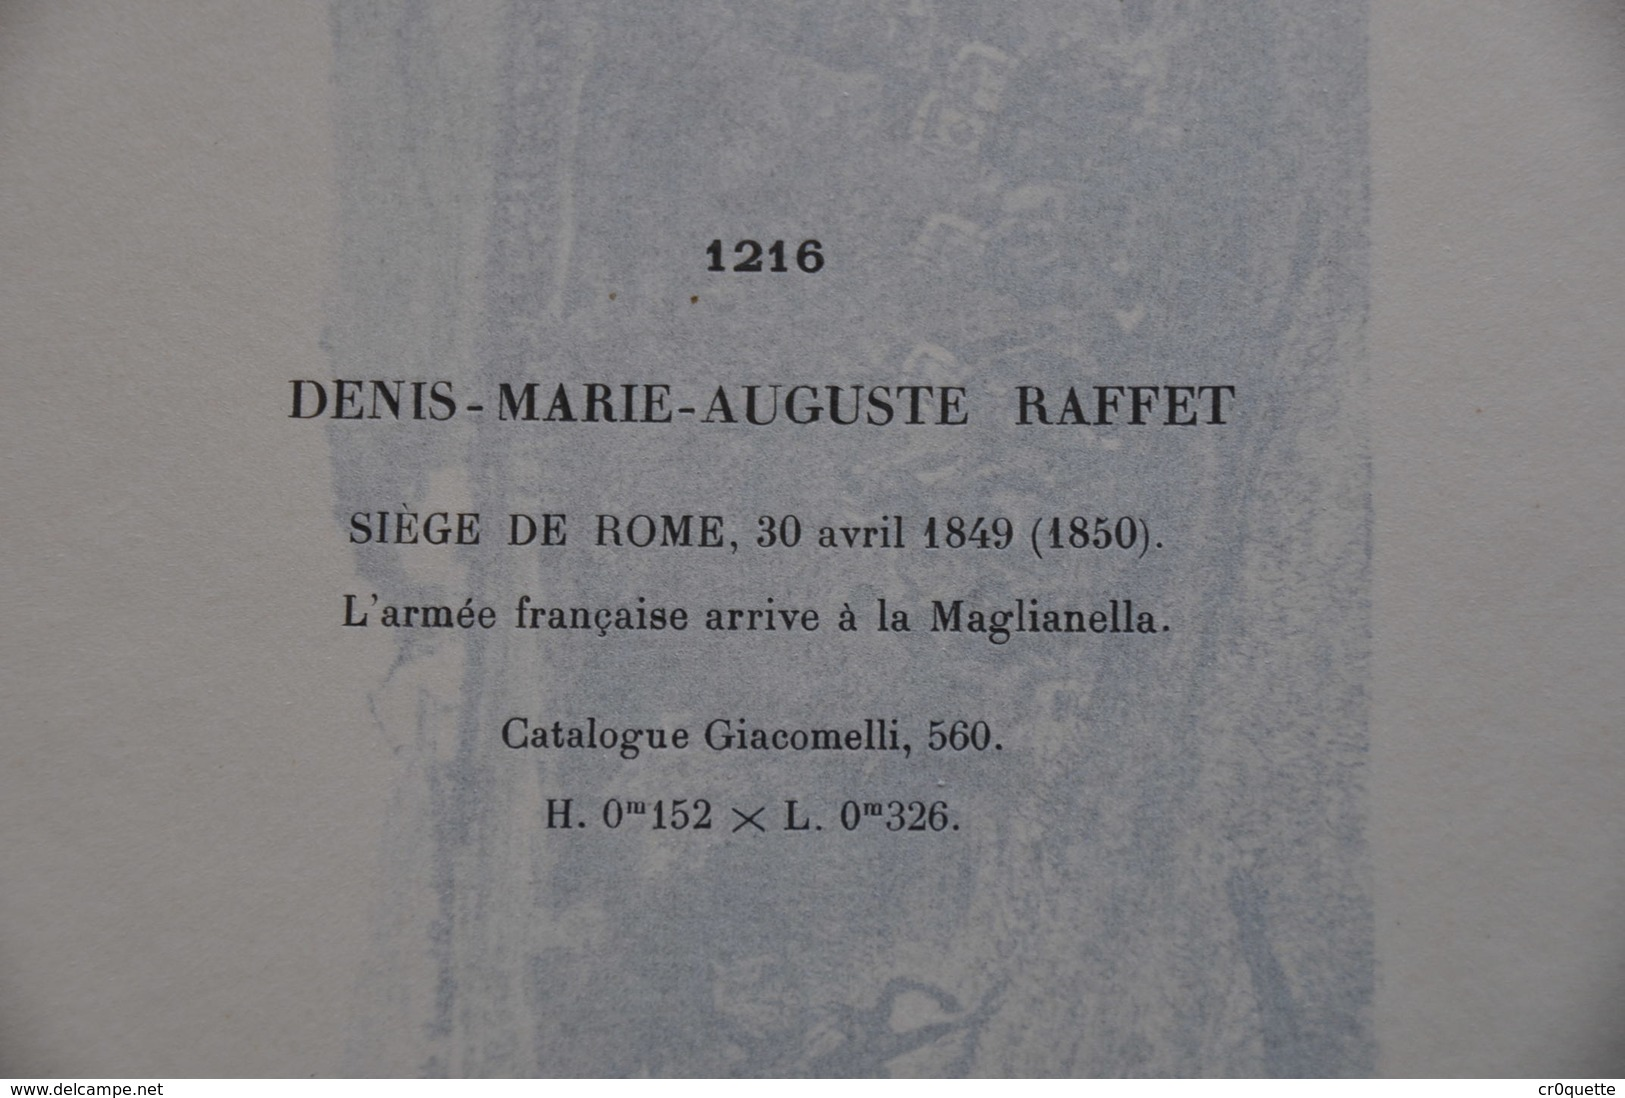 GRAVURE 1216 / SIEGE DE ROME A MAGLIANELLA Par DENIS RAFFET - Prints & Engravings